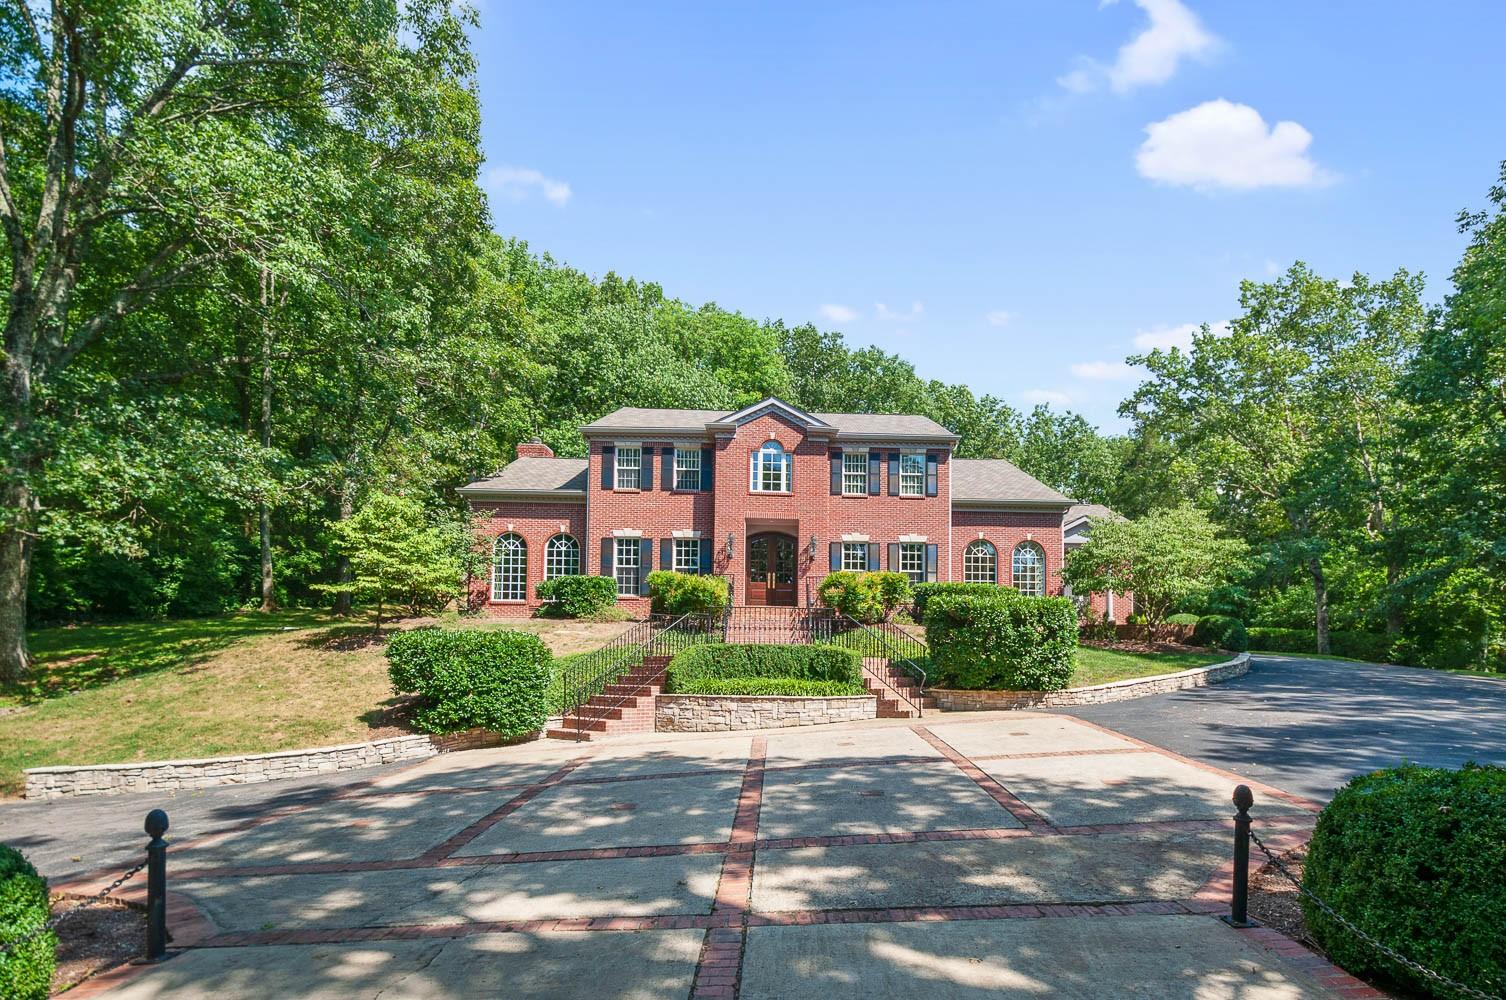 $1,495,000 - 5Br/6Ba -  for Sale in Forest Hills, Nashville